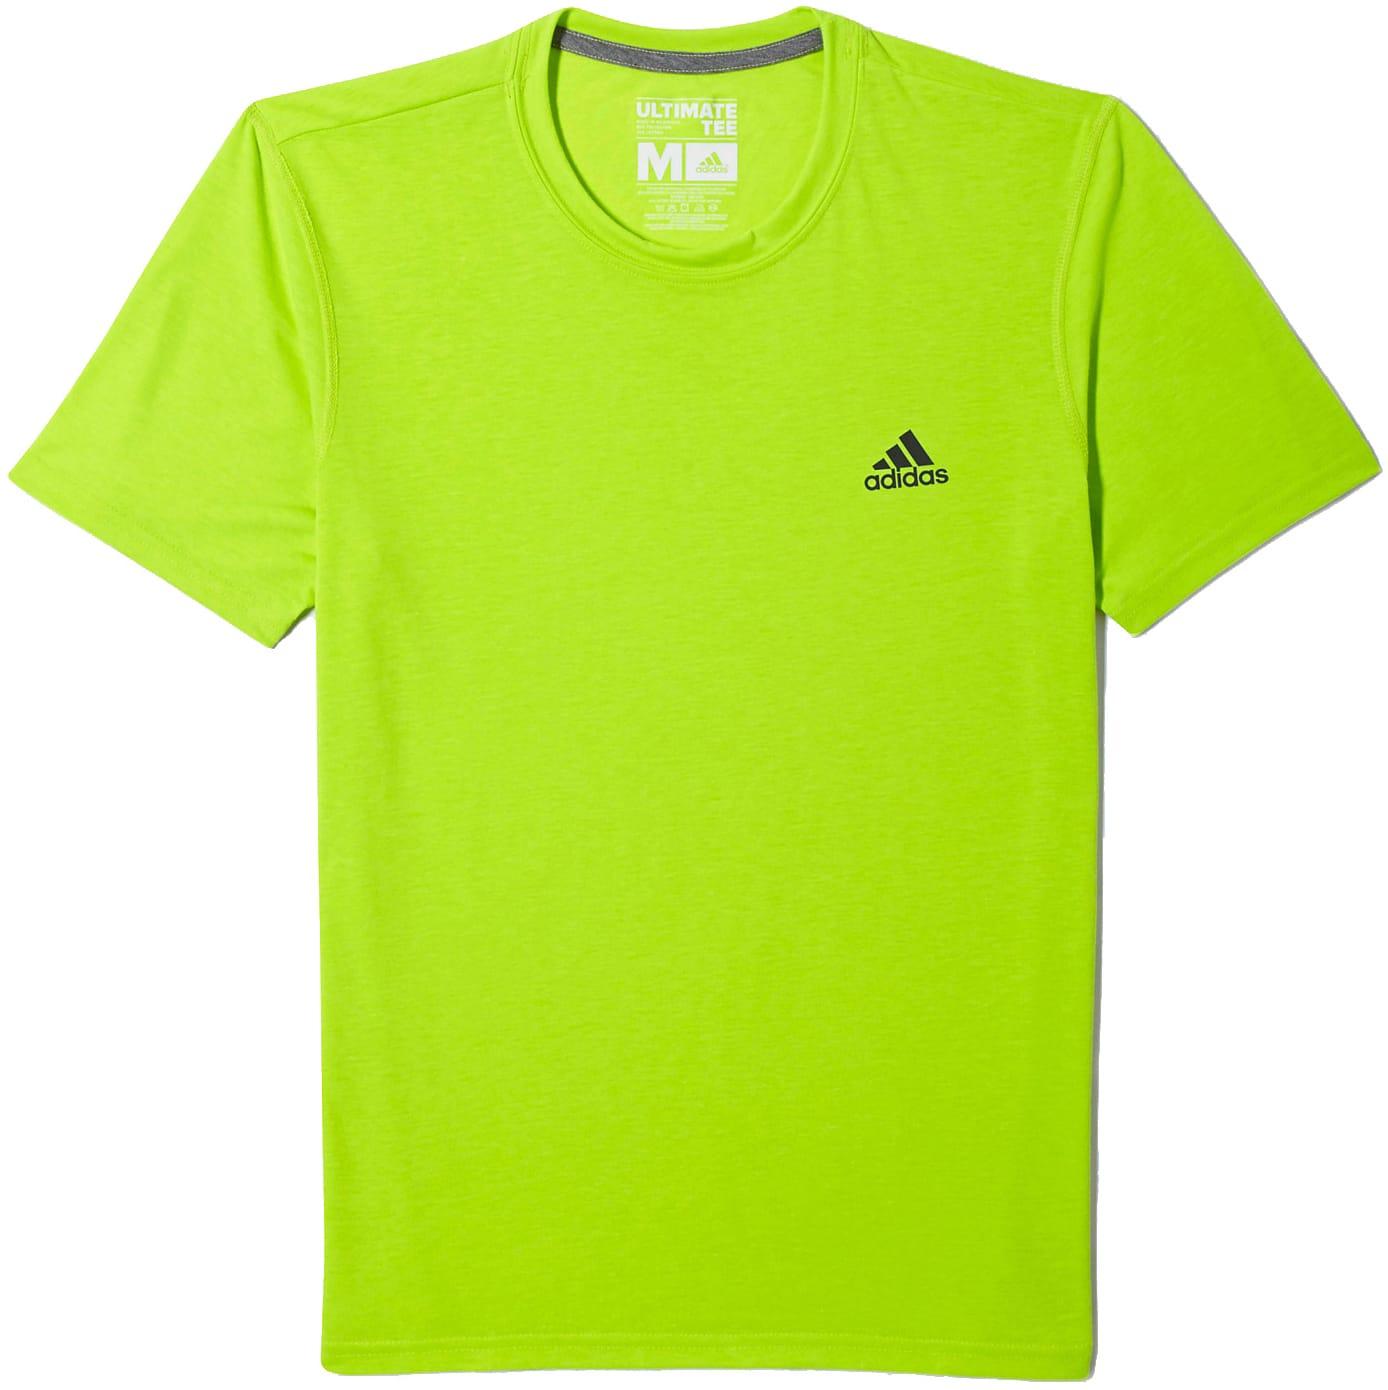 Adidas Ultimate T-Shirt ai3ult02ye14zz-adidas-t-shirts